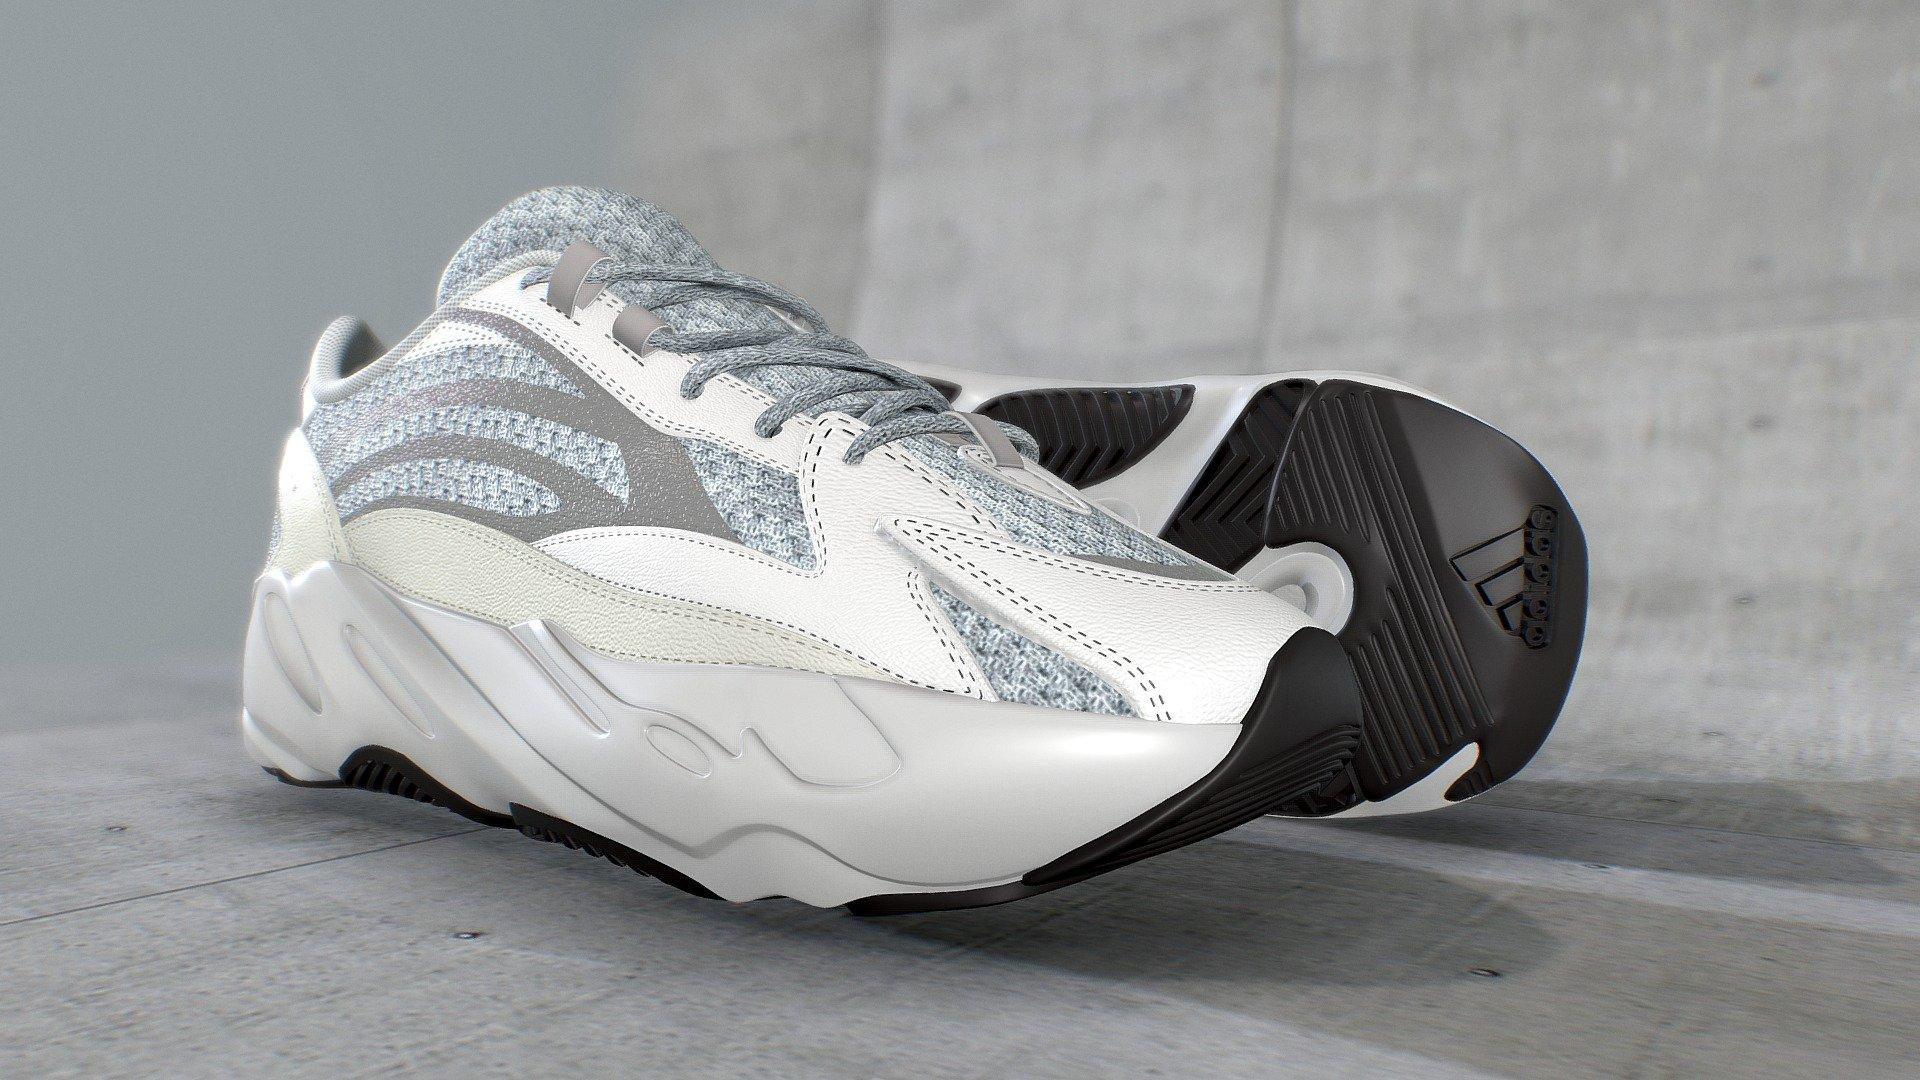 Adidas Yeezy Boost 700 V2 Static - CGI